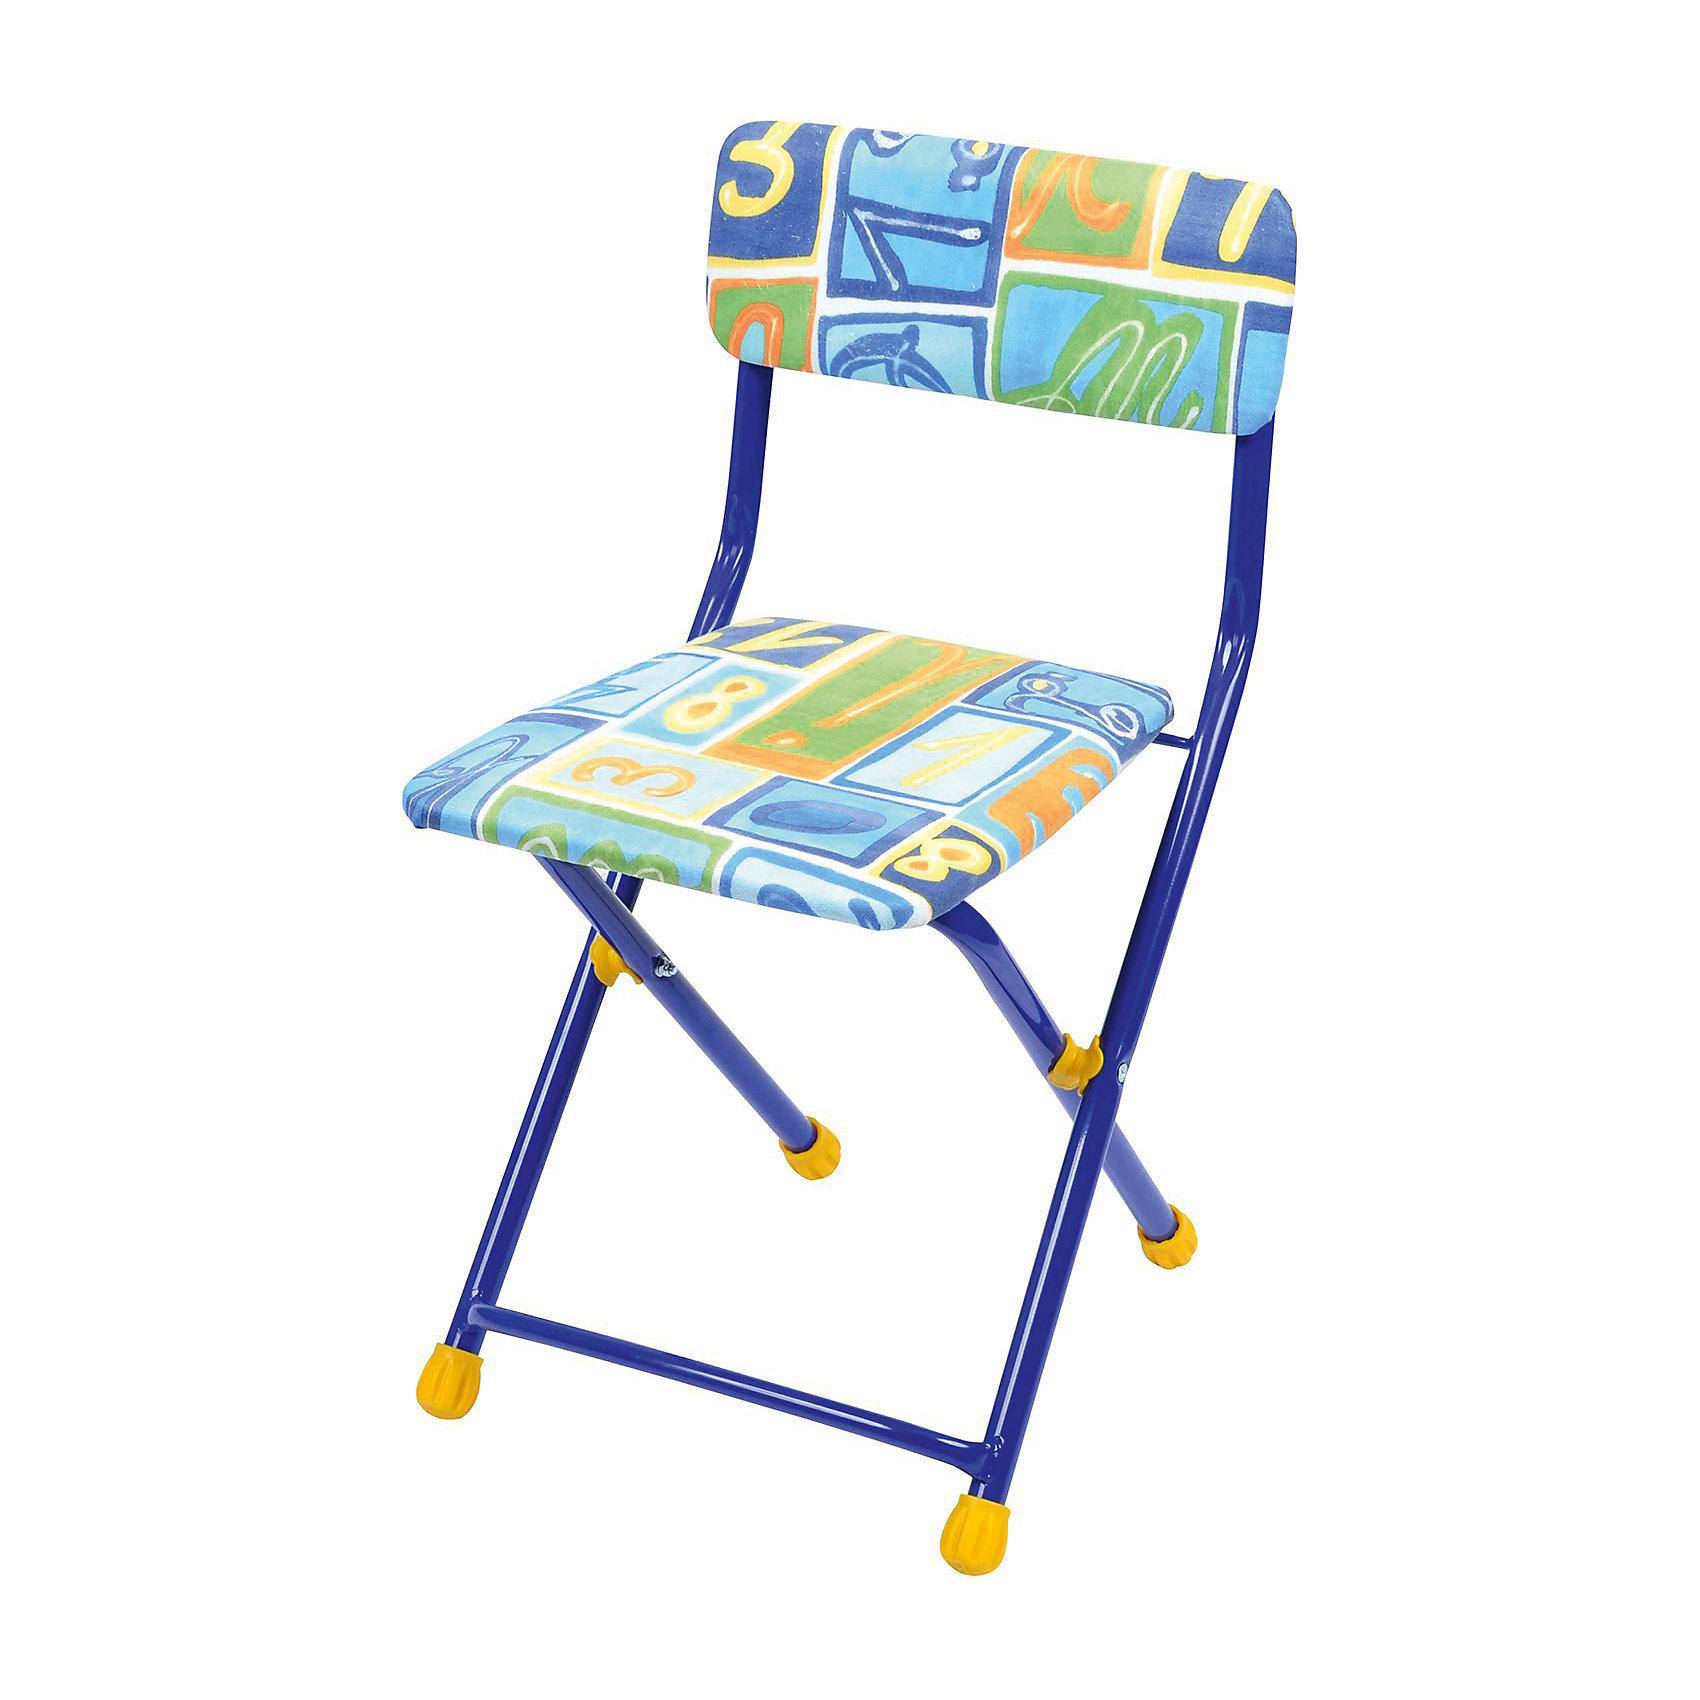 Складной стул с мягким сиденьем КУ1 Алфавит, Ника, синийСтолы и стулья<br>Характеристики товара:<br><br>• материал: металл, пластик, текстиль<br>• сиденье: 310х270 мм<br>• высота до сиденья: 320 мм<br>• высота со спинкой 570 мм<br>• на ножках пластмассовые наконечники<br>• складной<br>• на сиденье мягкая обивка из флока <br>• возраст: от 3 до 7 лет<br>• страна бренда: Российская Федерация<br>• страна производства: Российская Федерация<br><br>Детская мебель может быть удобной и эргономичной! Этот стул разработан специально для детей от трех до семи лет. Он легко складывается и раскладывается, занимает немного места. Сиденье обито мягким флоком, а на ножках стула установлены пластмассовые наконечники для защиты напольного покрытия. Отличное решение для игр, творчества и обучения!<br>Правильно подобранная мебель помогает ребенку расти здоровым, формироваться правильной осанке. Изделие производится из качественных сертифицированных материалов, безопасных даже для самых маленьких.<br><br>Складной стул с мягким сиденьем КУ1 Алфавит от бренда Ника можно купить в нашем интернет-магазине.<br><br>Ширина мм: 700<br>Глубина мм: 160<br>Высота мм: 330<br>Вес г: 2520<br>Возраст от месяцев: 36<br>Возраст до месяцев: 84<br>Пол: Унисекс<br>Возраст: Детский<br>SKU: 5223589